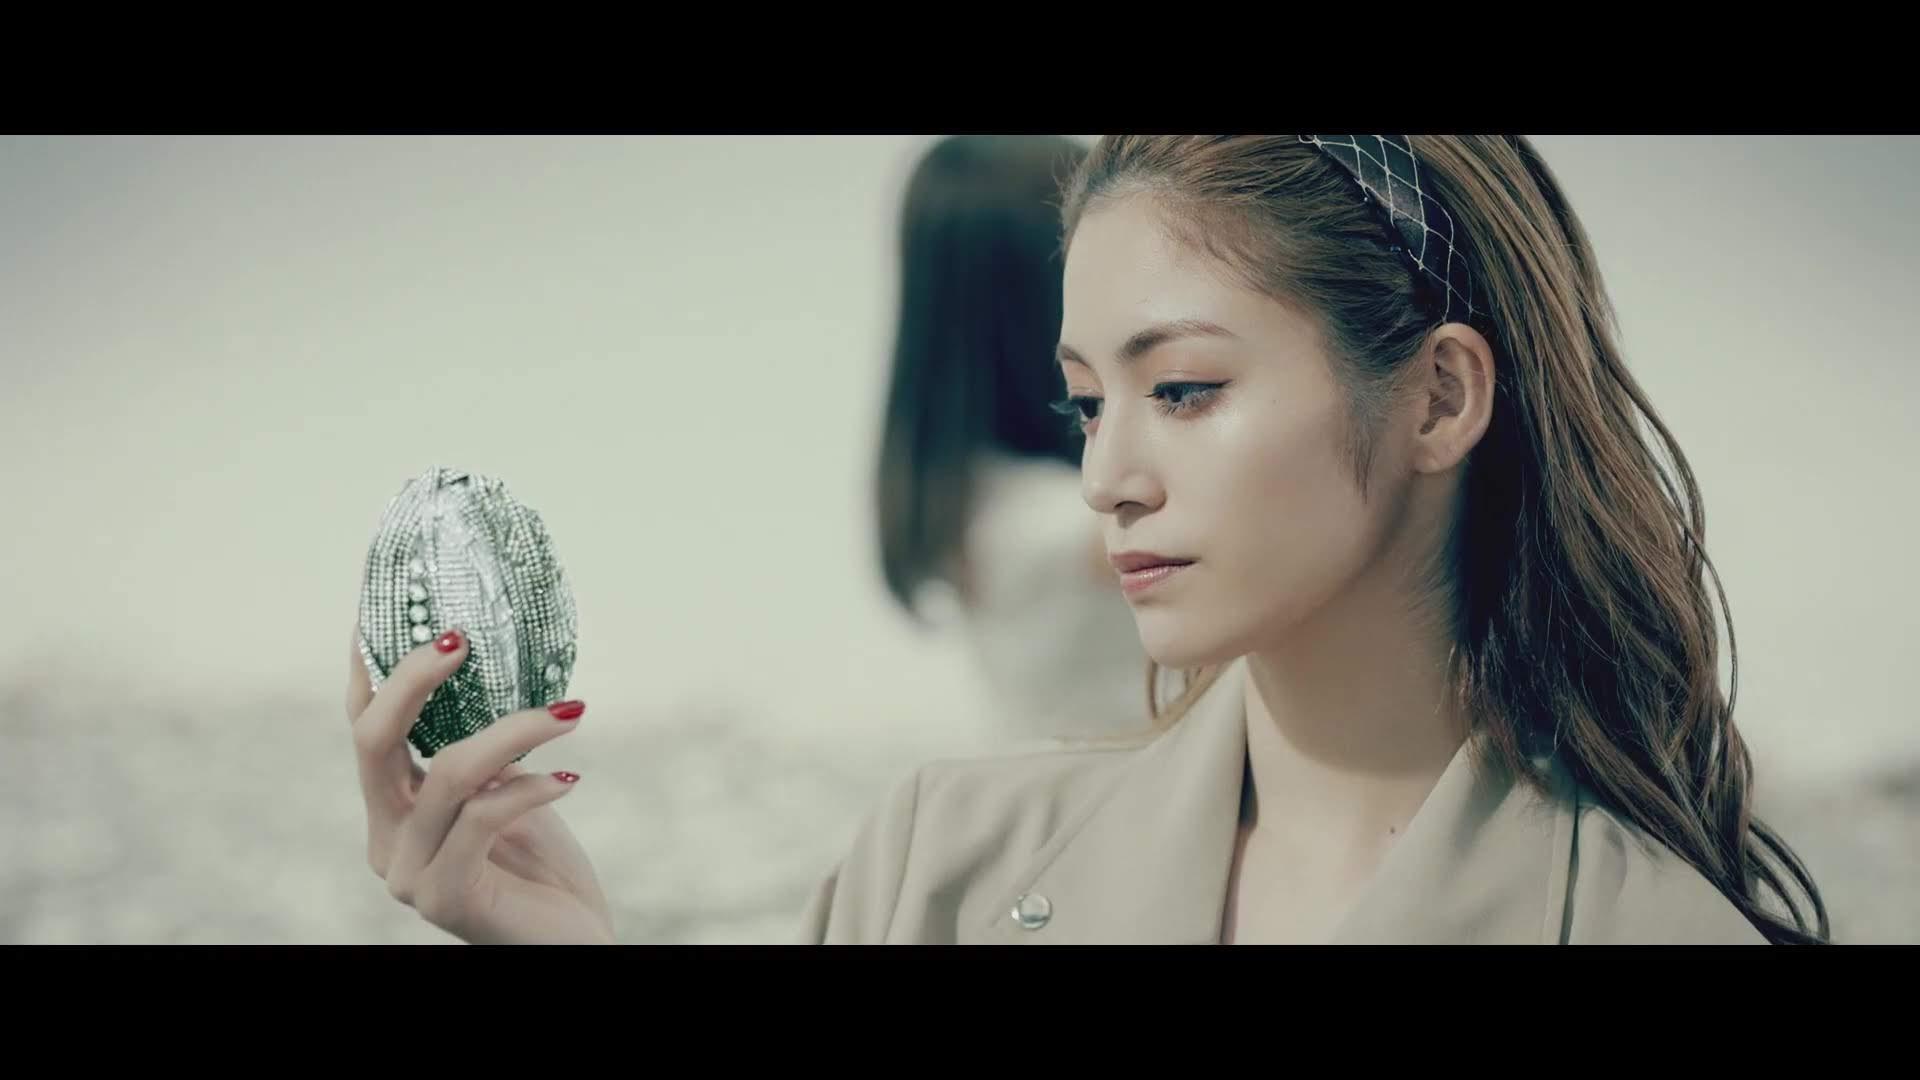 Kaede olhando a fruta.